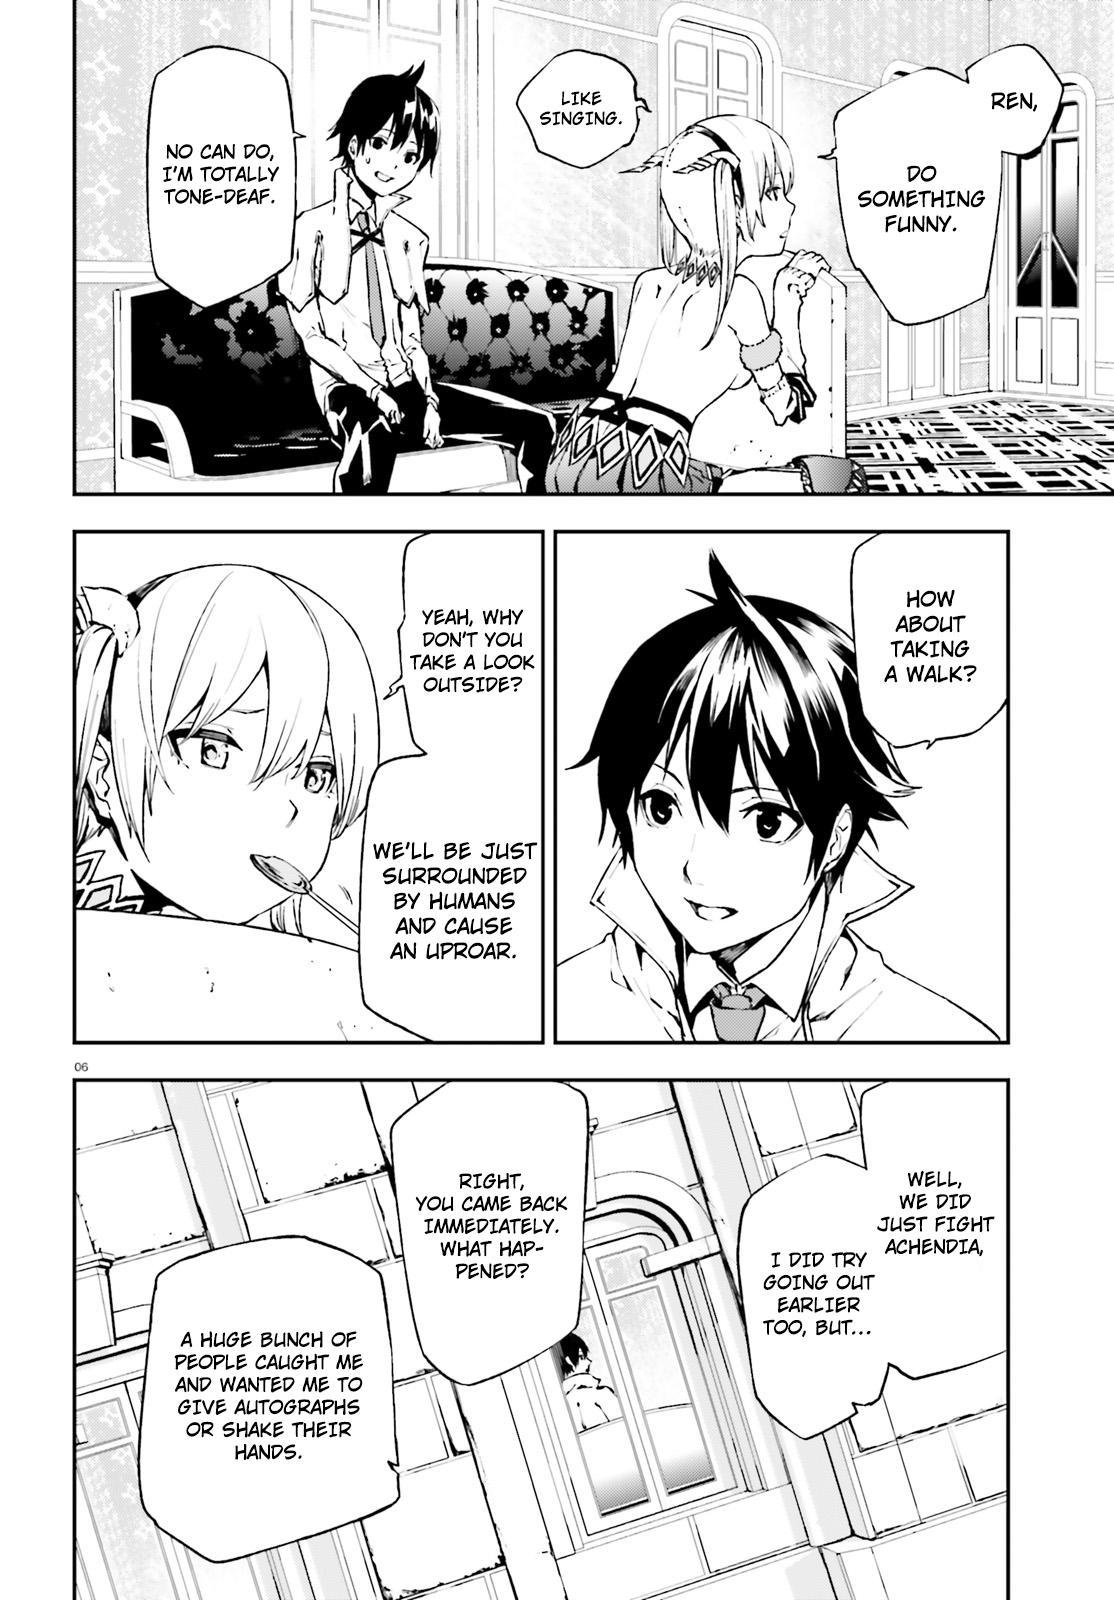 Sekai no Owari no Sekairoku - Chapter 12